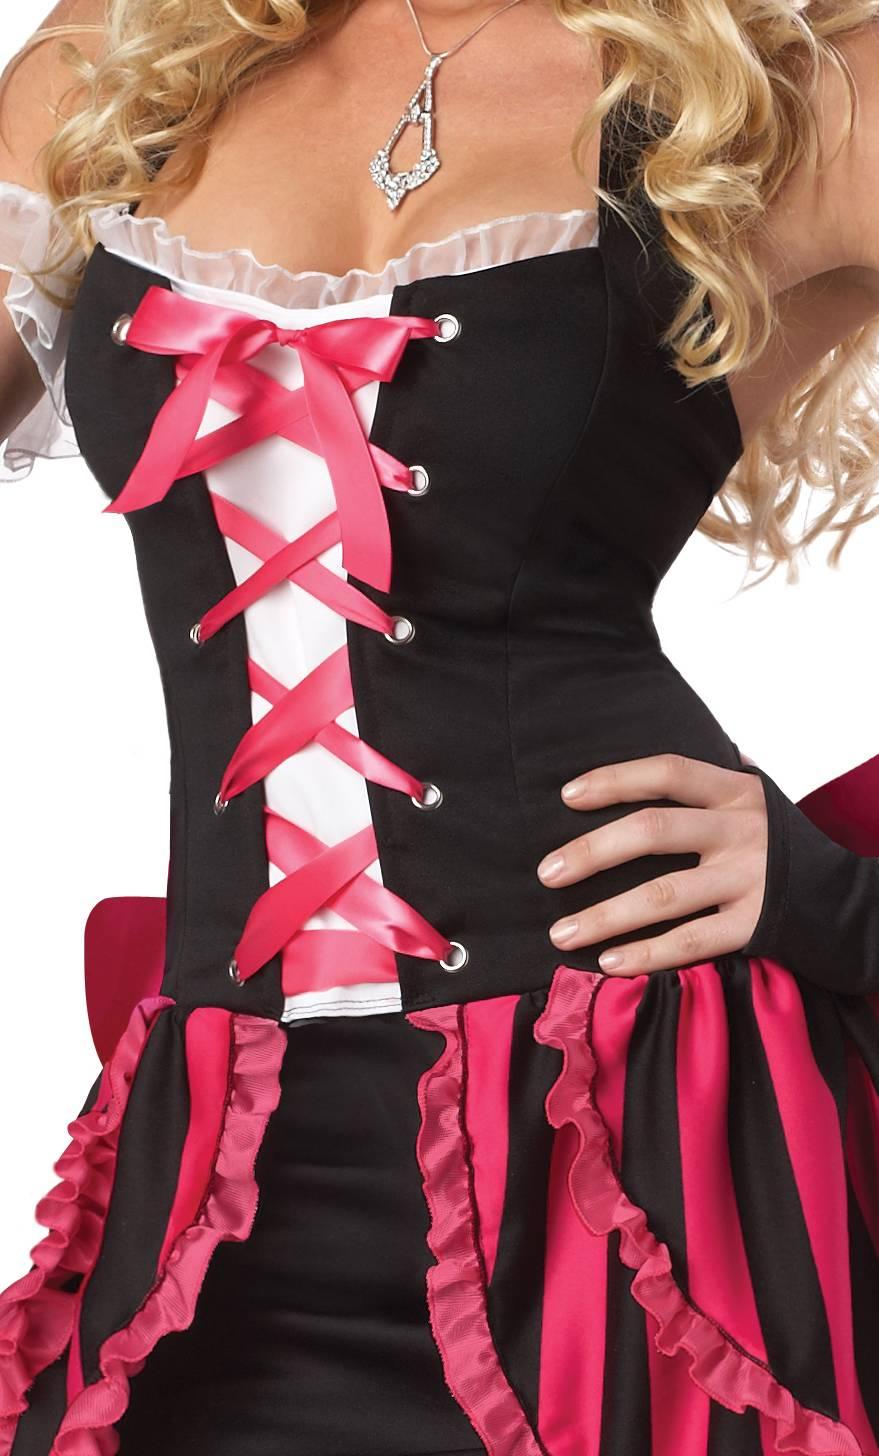 Costume-Cabaret-burlesque-femme-2